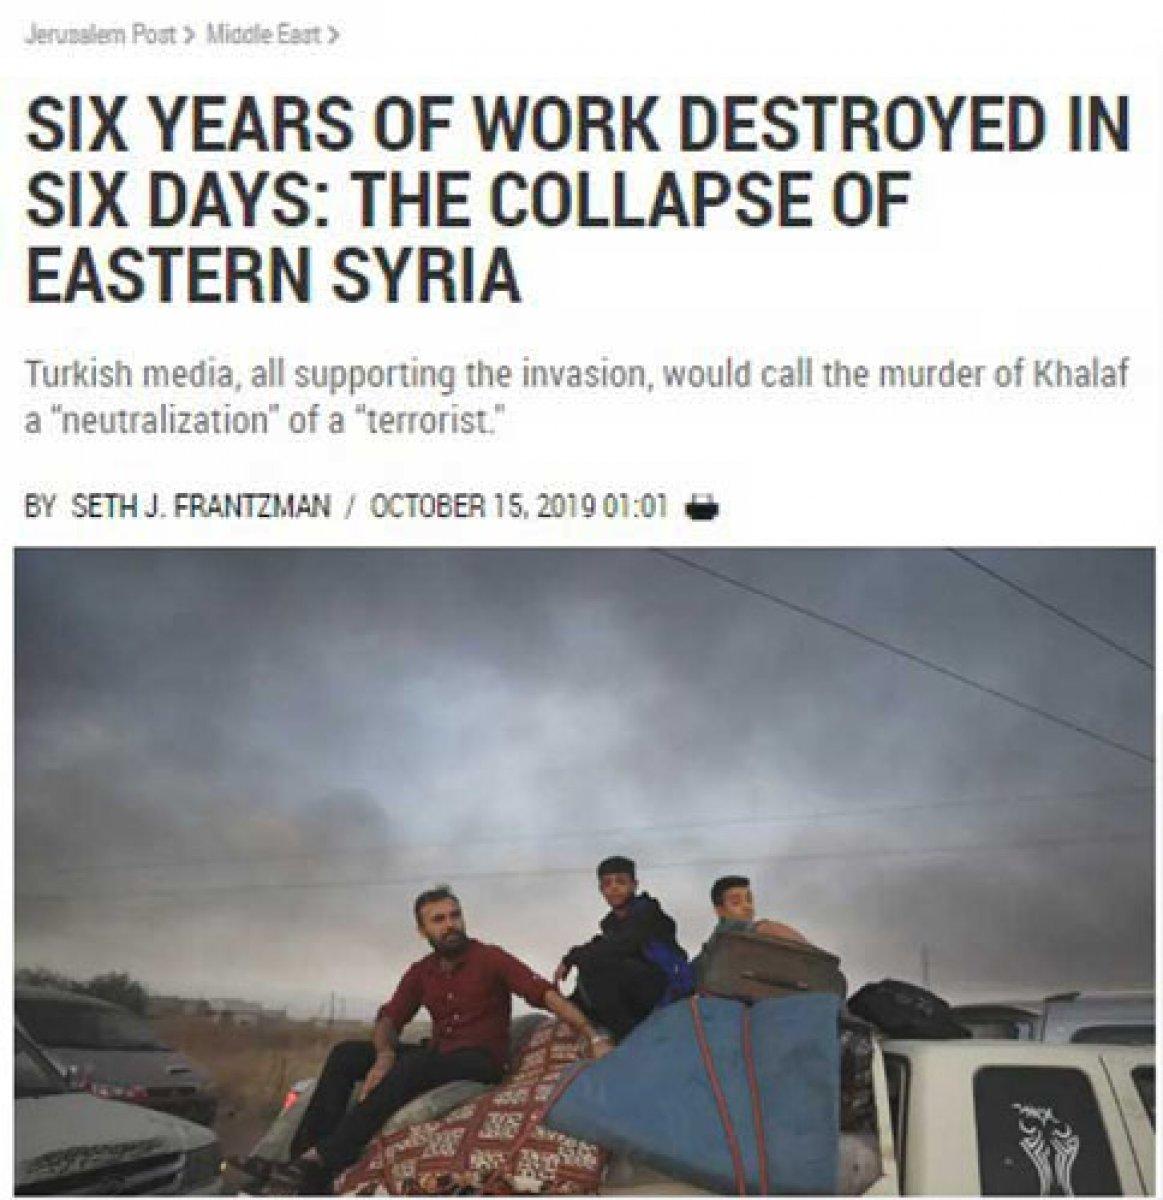 İsrail medyası boşa çıkan Kürdistan hayallerine ağlıyor